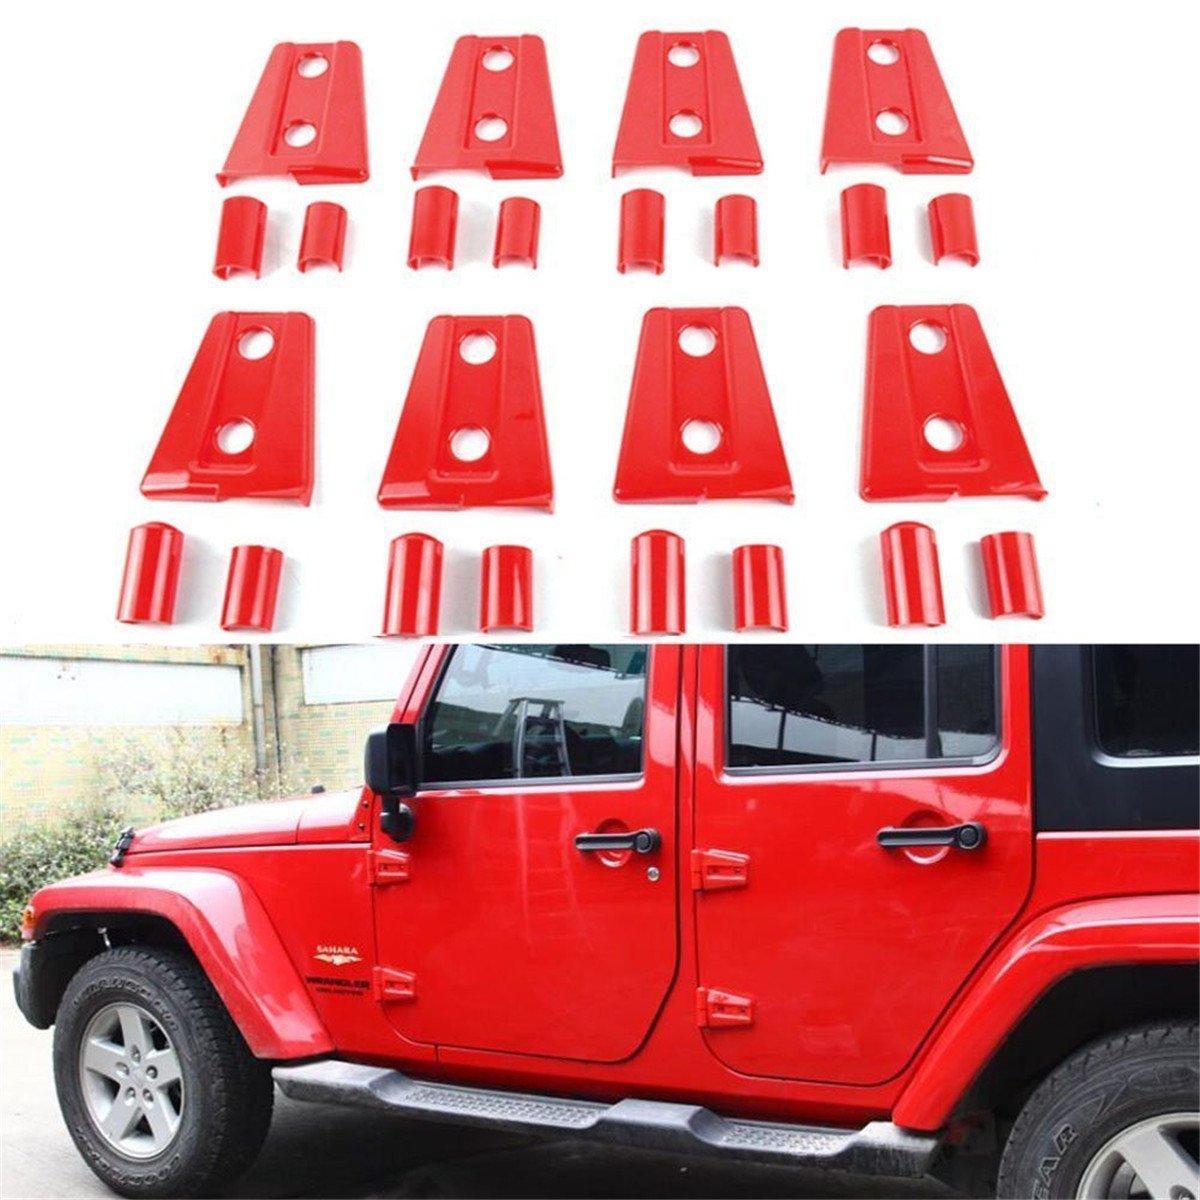 FMtoppeak One Set of 8 Pcs Red ABS Door Trim Engine Hood Hinge Cover For 2007-2017 Jeep Wrangler JK 4 Door